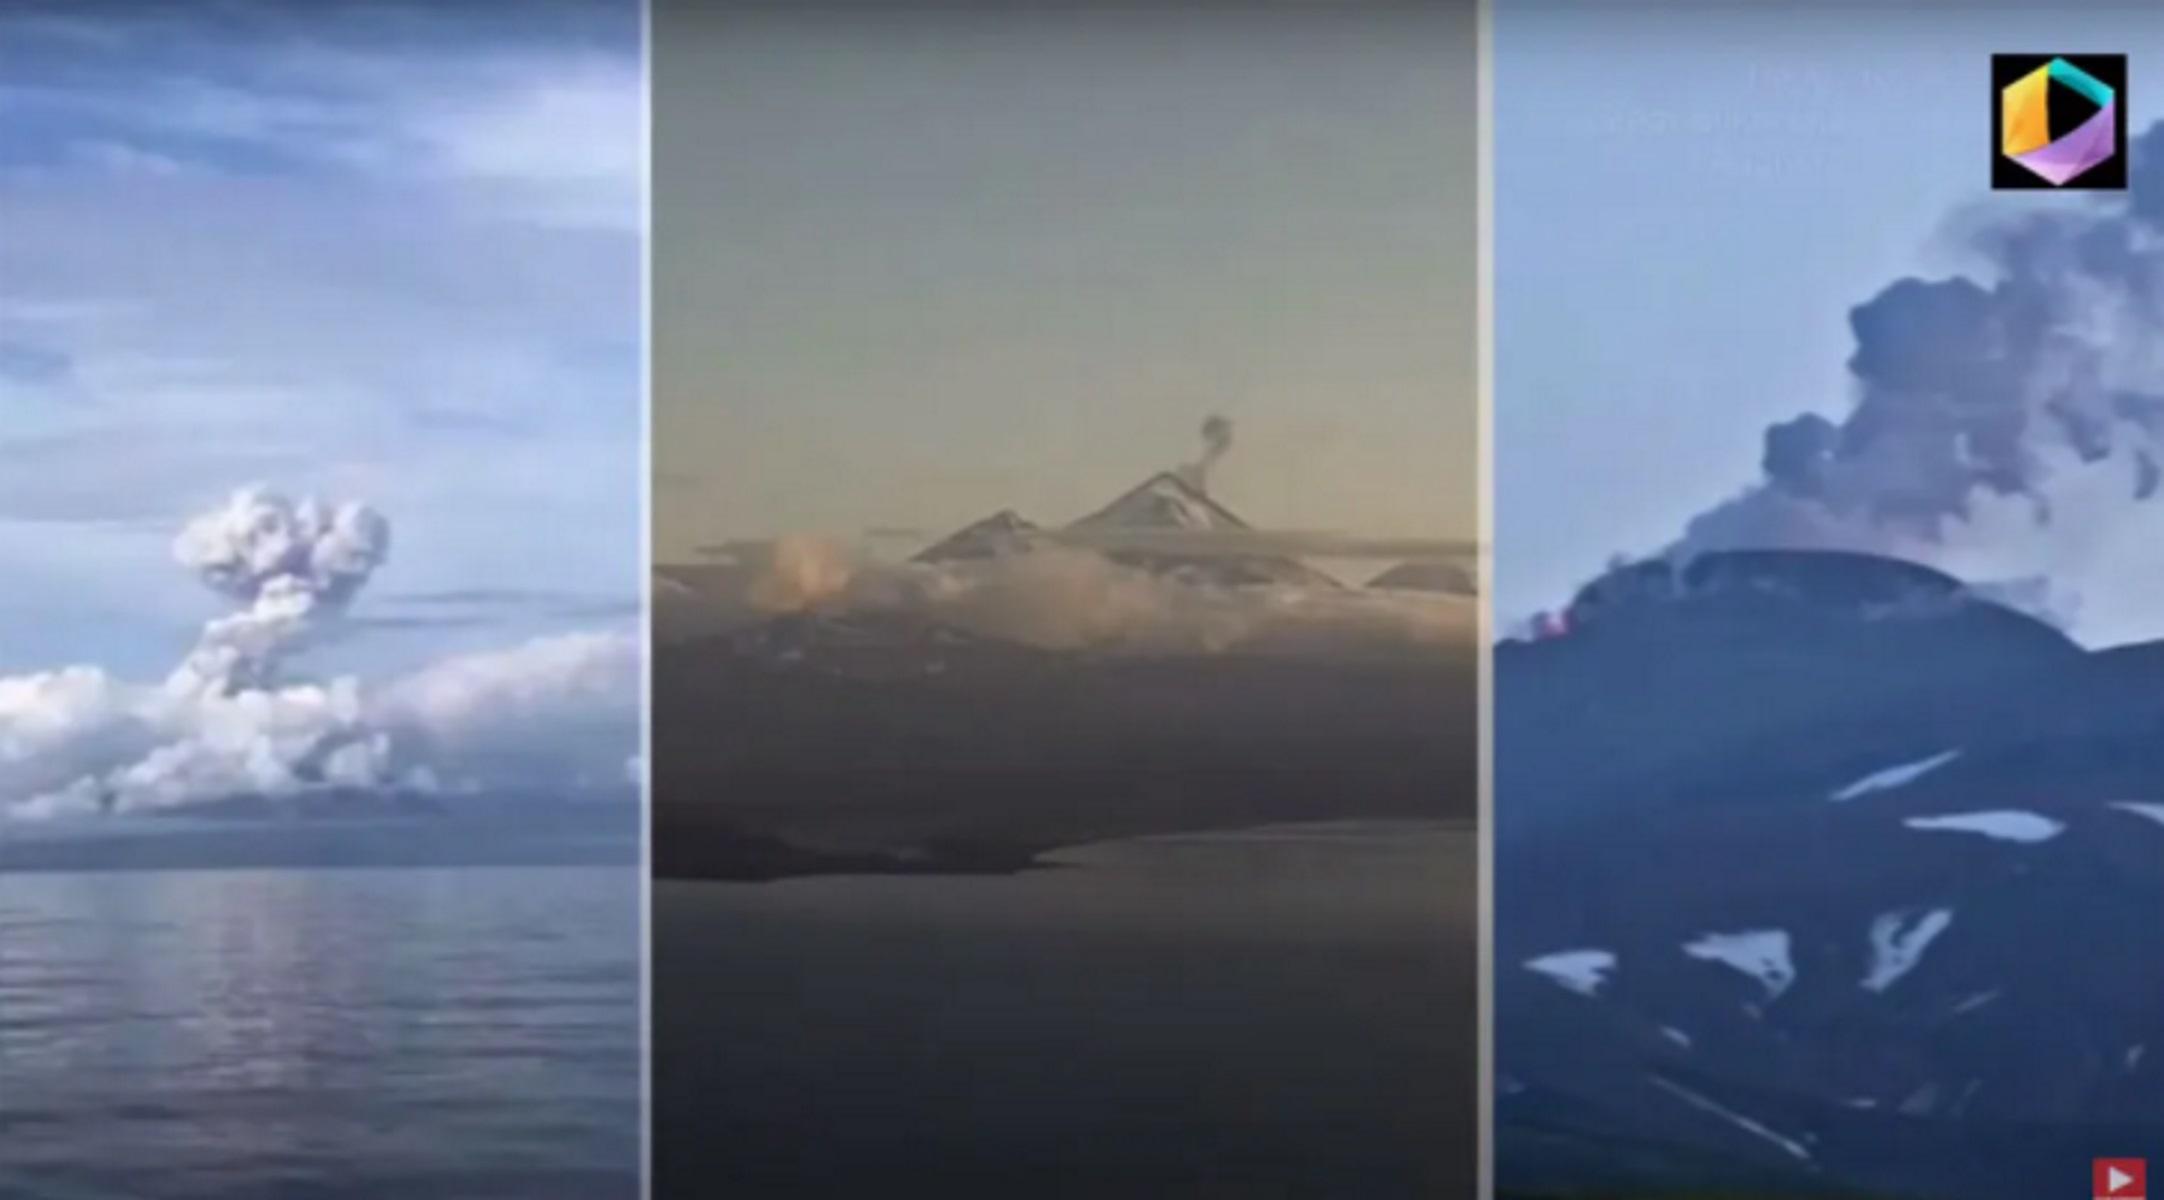 Ανησυχητικό φαινόμενο στην Αλάσκα: Τρία ηφαίστεια εκρήγνυνται ταυτόχρονα